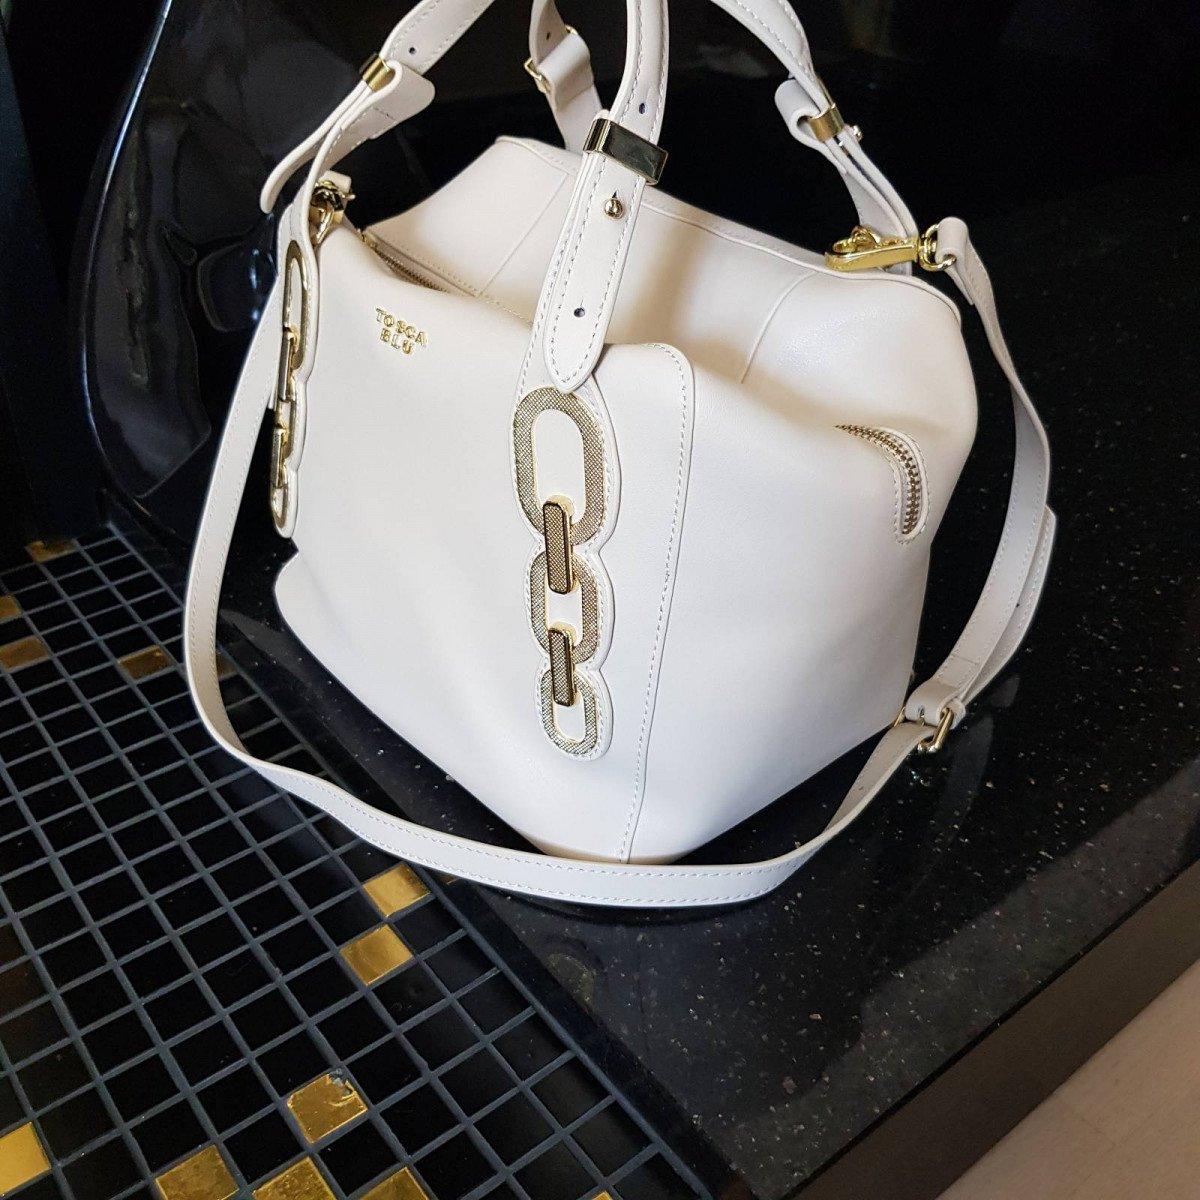 Кожаная женская сумка Tosca Blu TS202B234 ivory из натуральной кожи